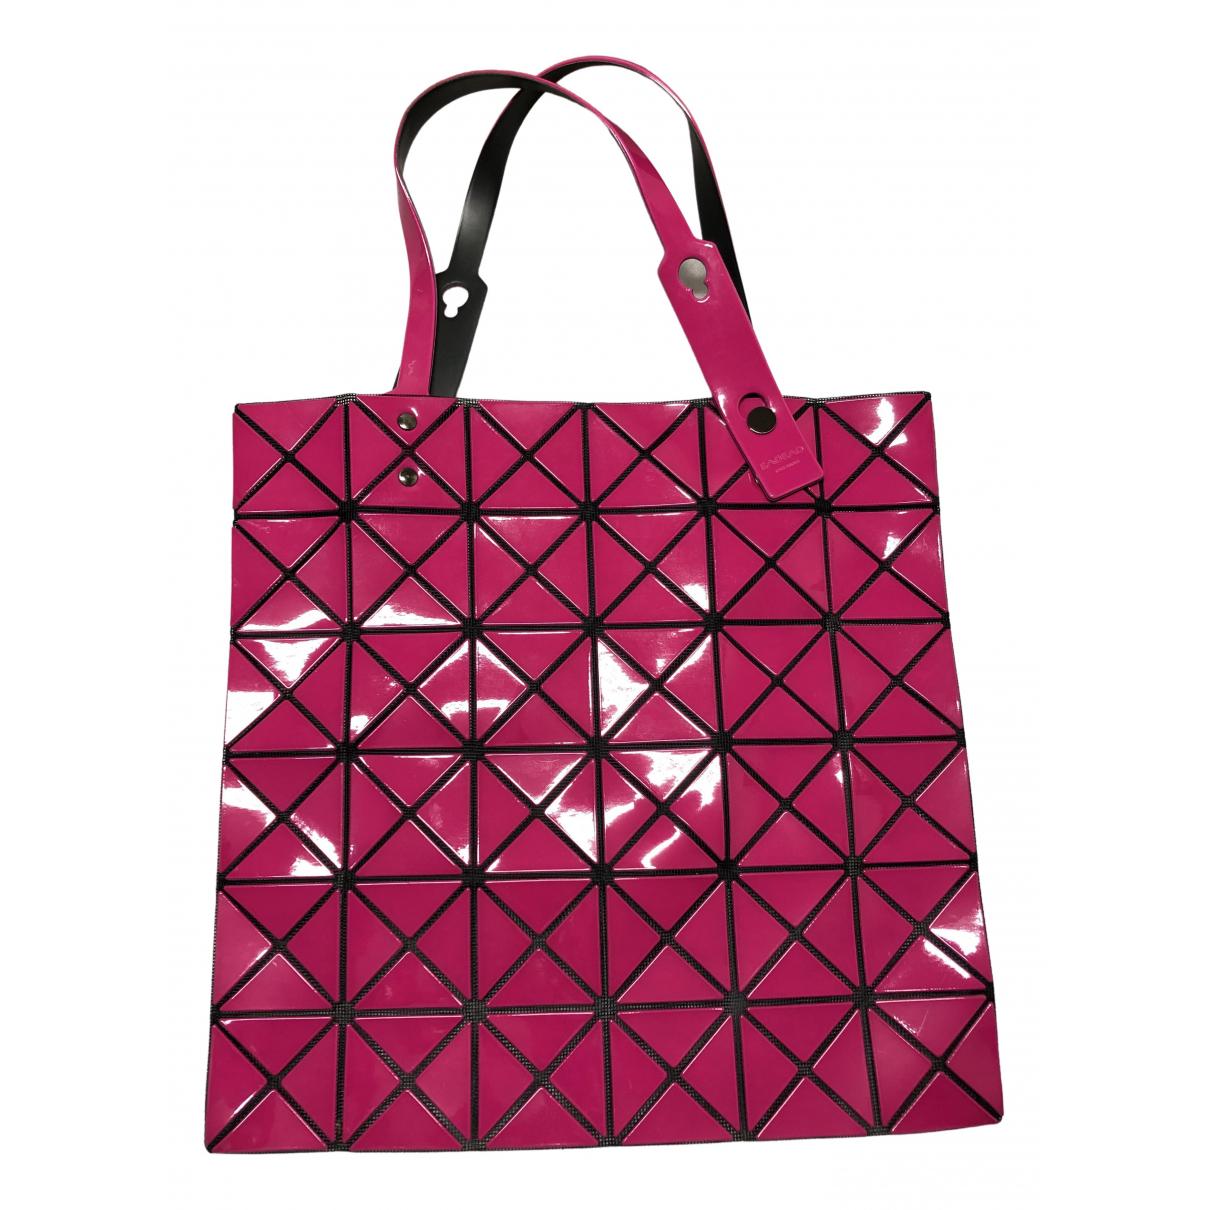 Issey Miyake \N Handtasche in  Rosa Kunststoff